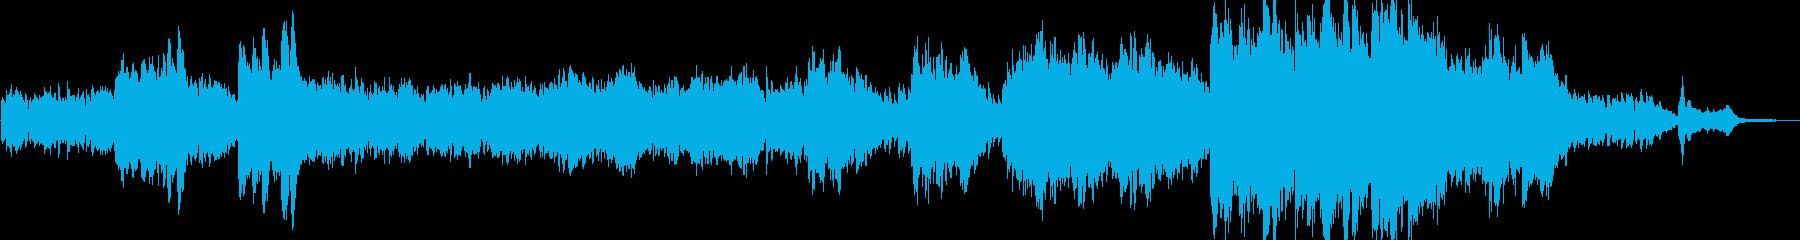 長い時を刻んだ大樹のようなヒーリング Cの再生済みの波形